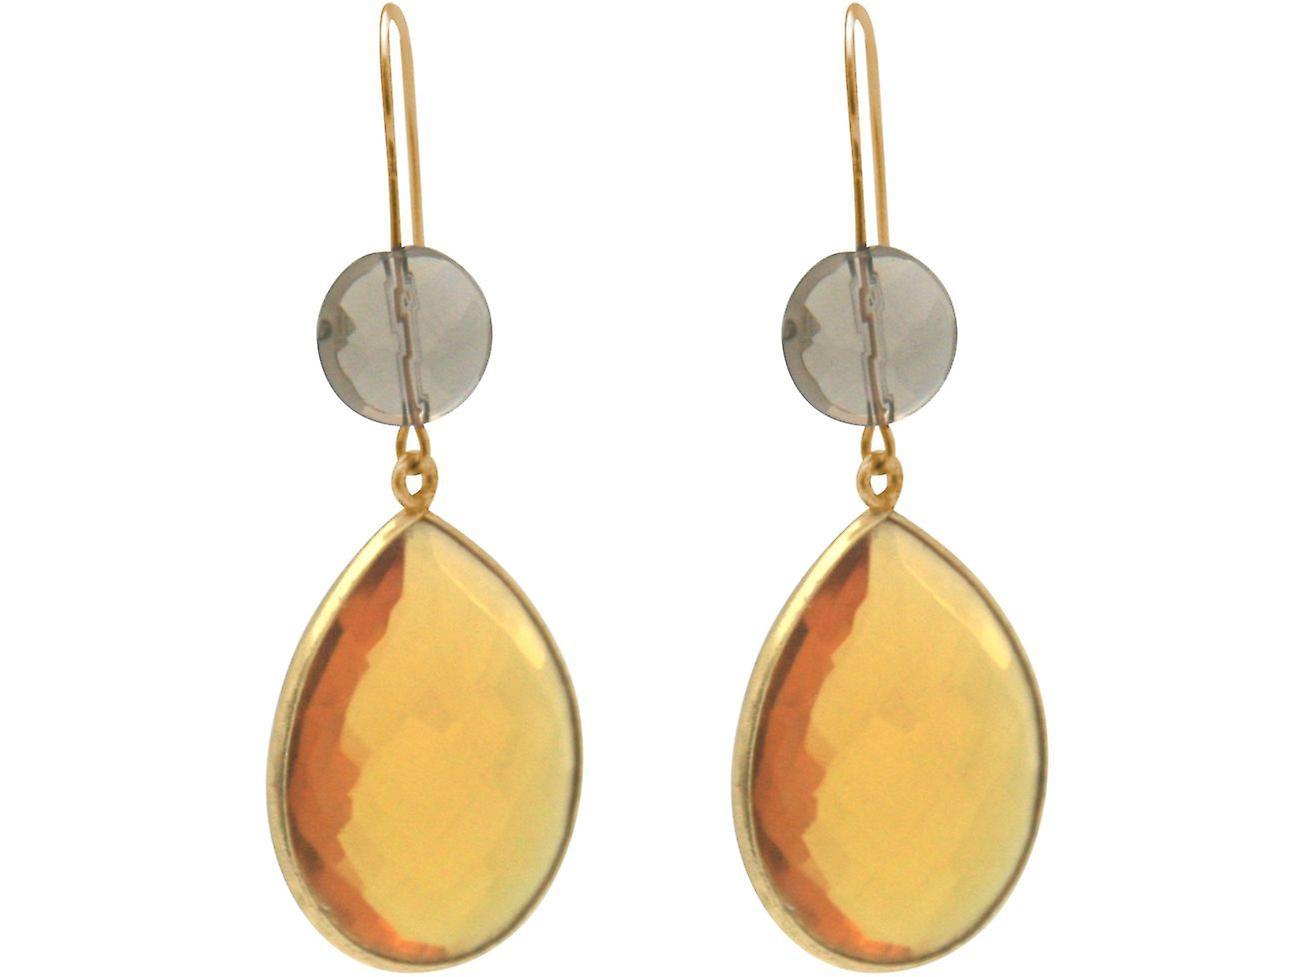 Gemshine Ohrringe Rauchquarz und Citrin Edelstein Tropfen 925 Silber vergoldet